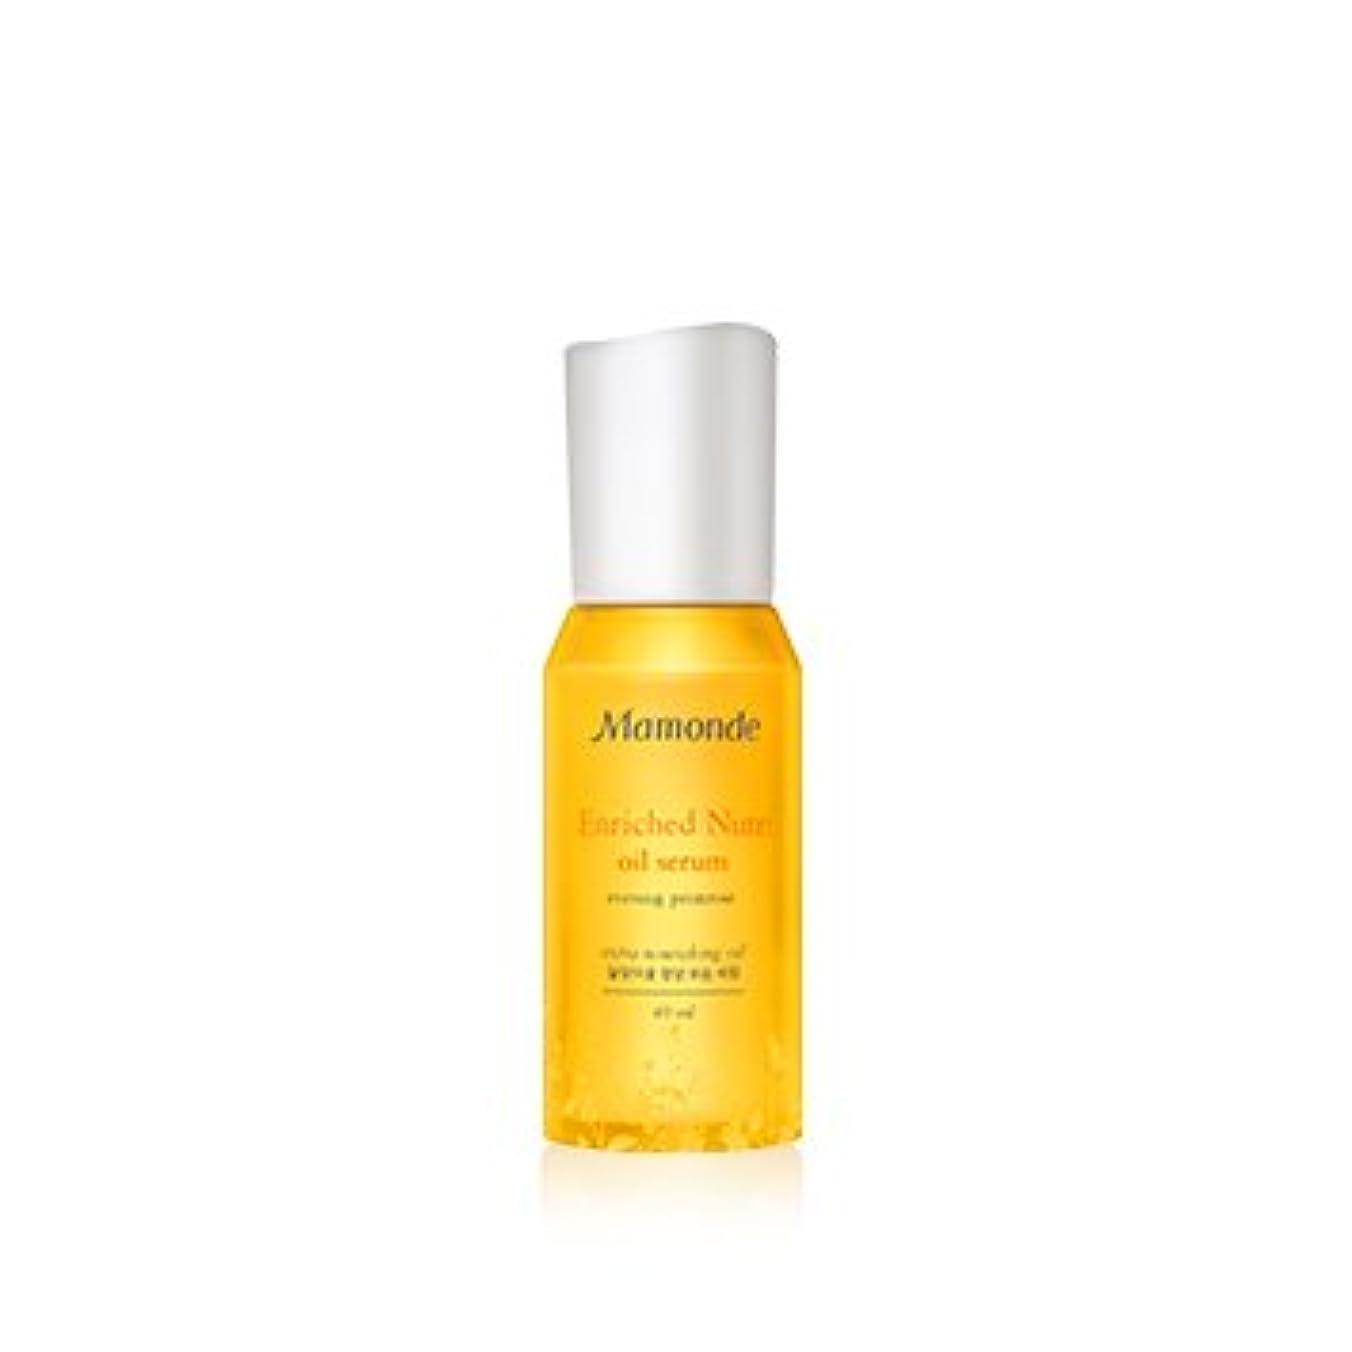 ボートコマンド制限された[New] Mamonde Enriched Nutri Oil Serum 40ml/マモンド エンリッチド ニュートリ オイル セラム 40ml [並行輸入品]